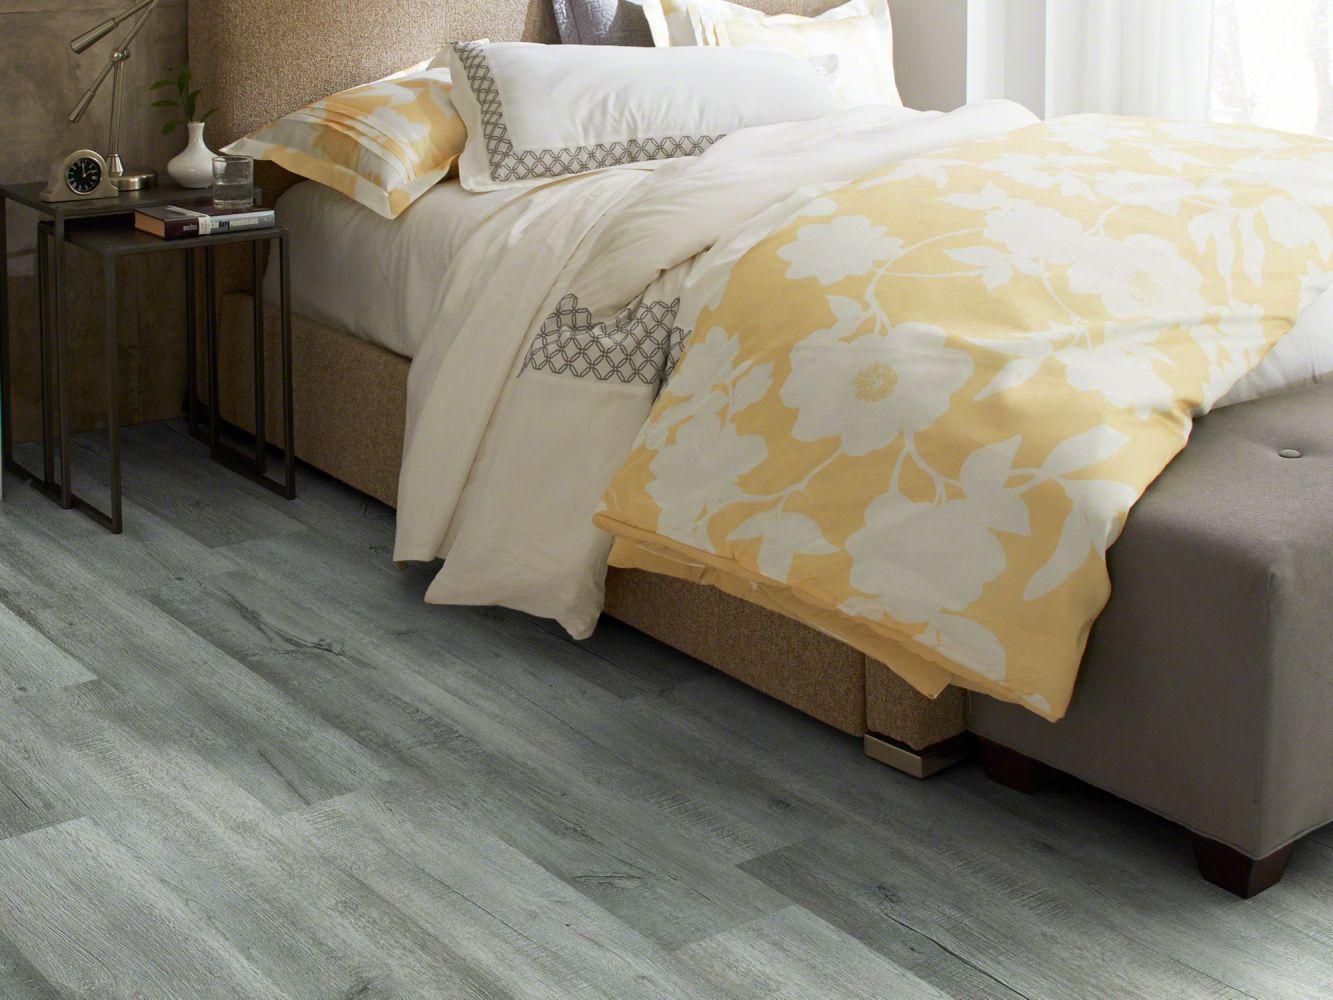 Shaw Floors Vinyl Residential Prime Plank Greyed Oak 00532_0616V